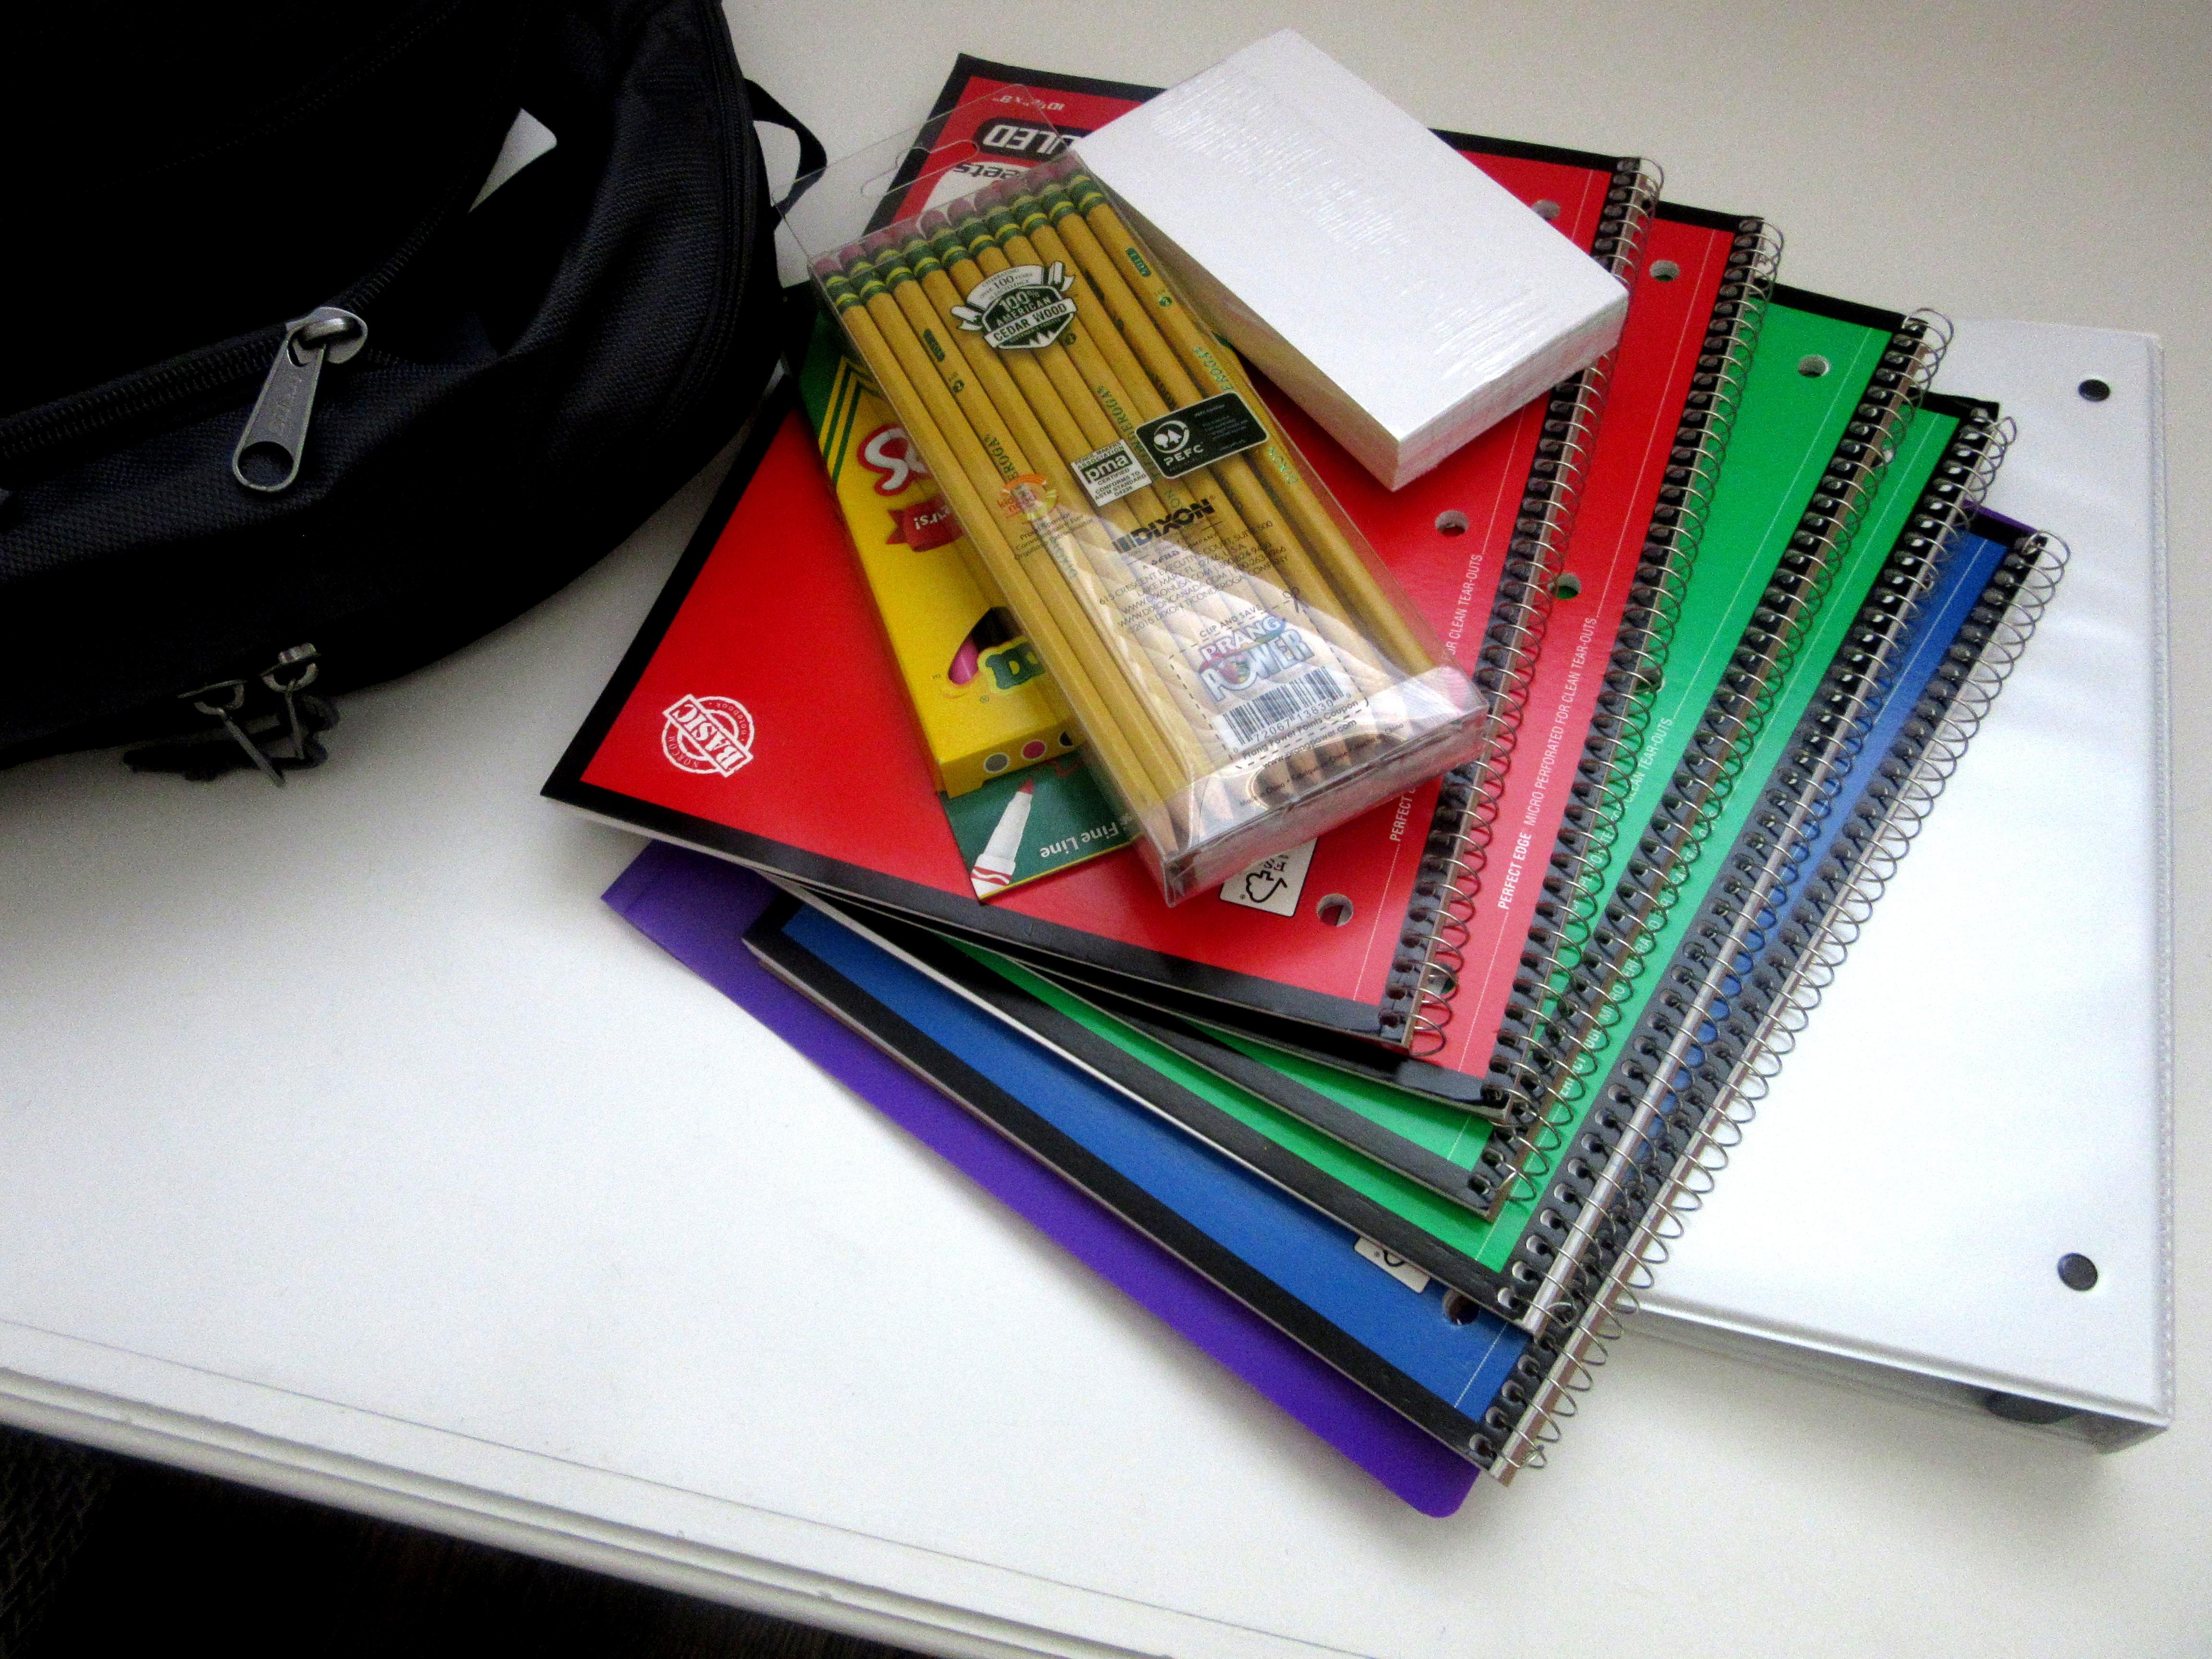 Gambar : ransel, pendidikan, merek, produk, belajar, alat, perbekalan, dokumen, pensil, spiral ...